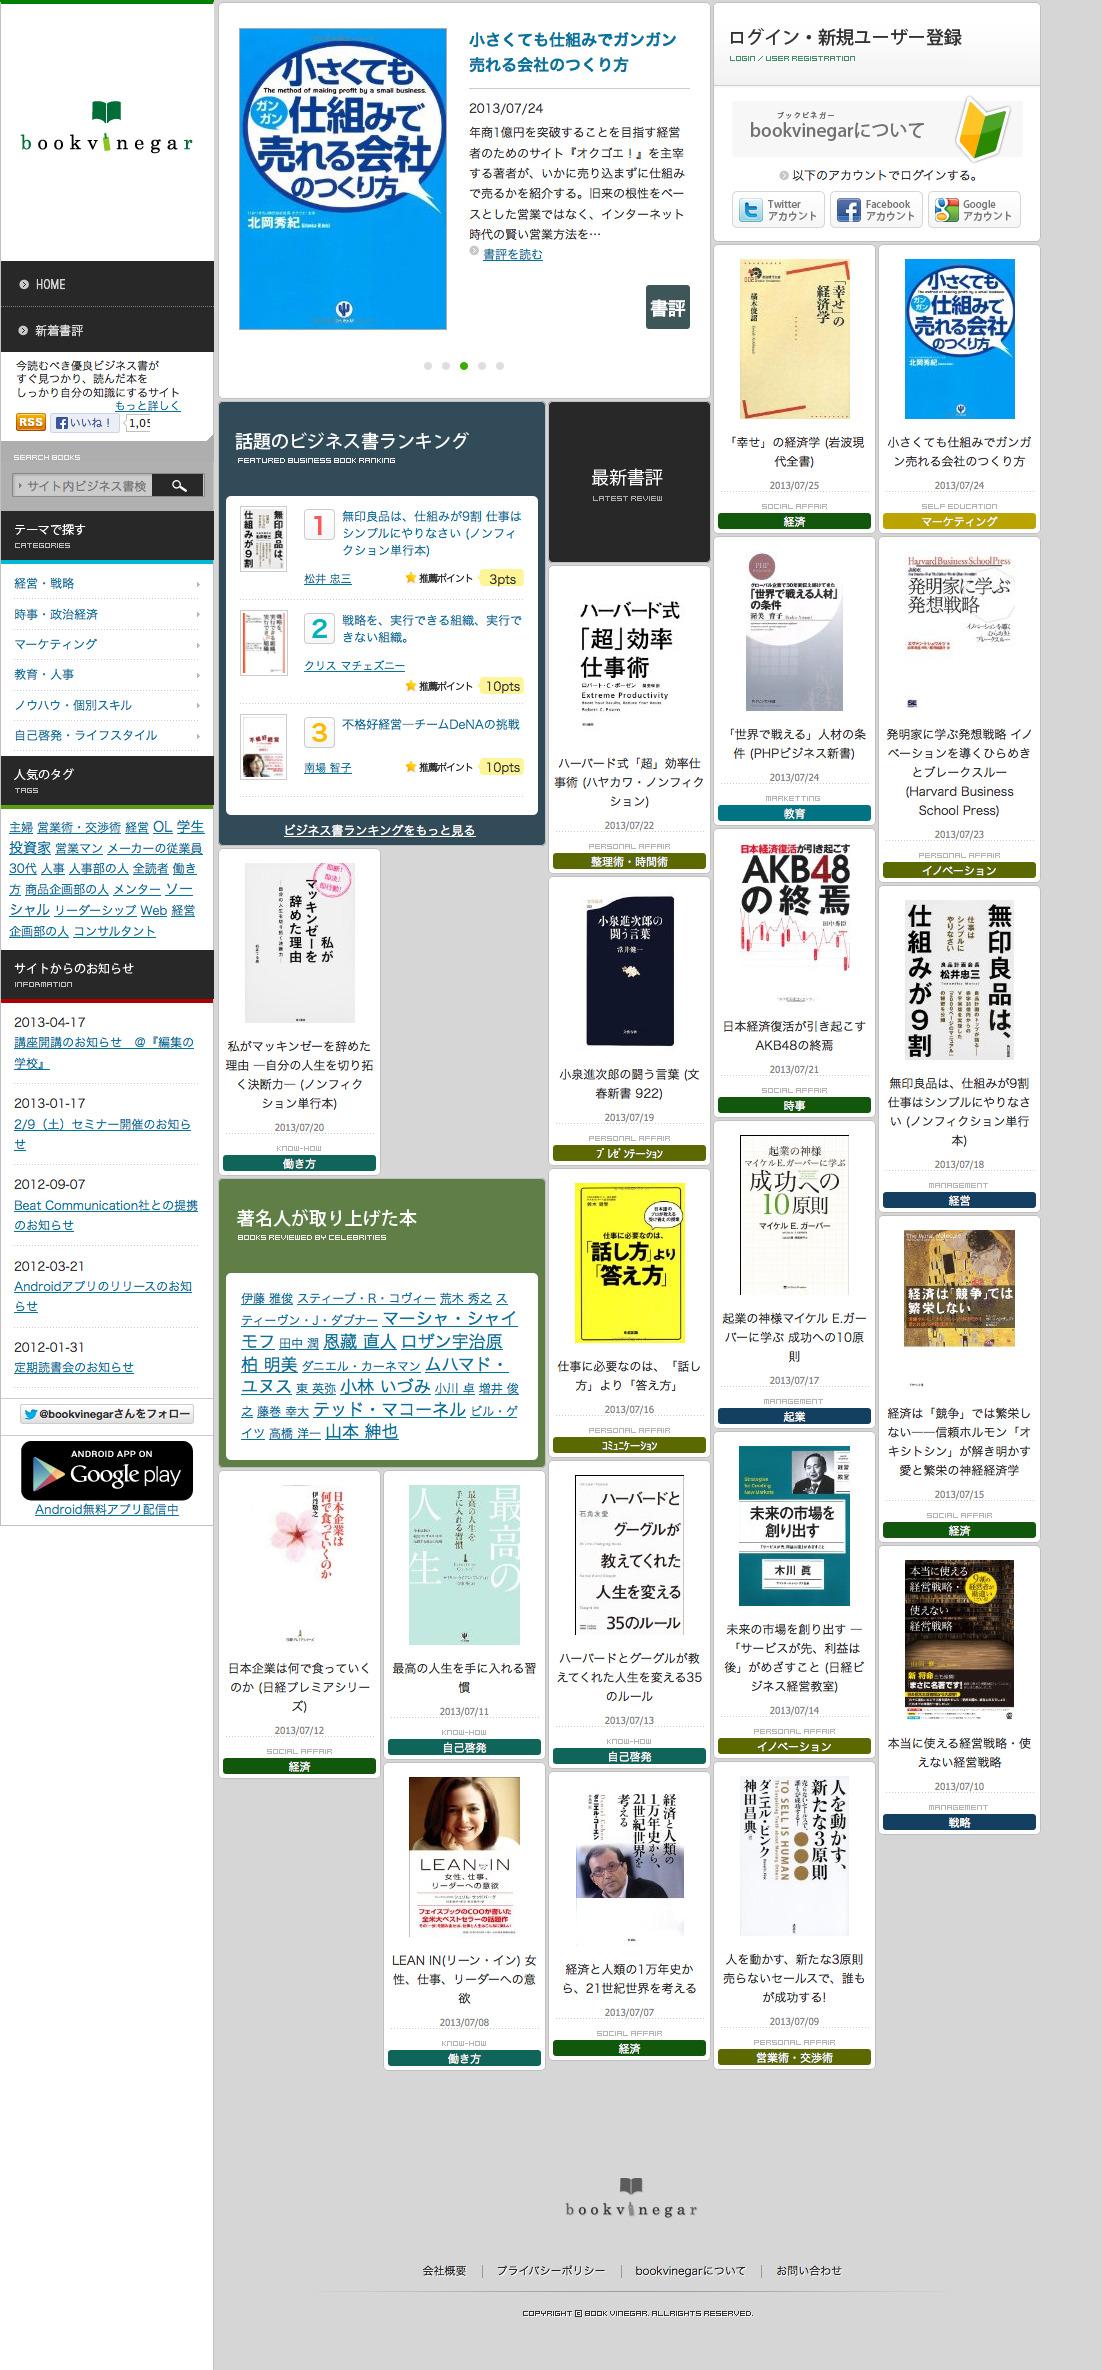 ビジネス書の書評・要約まとめサイト bookvinegar-ブックビネガー